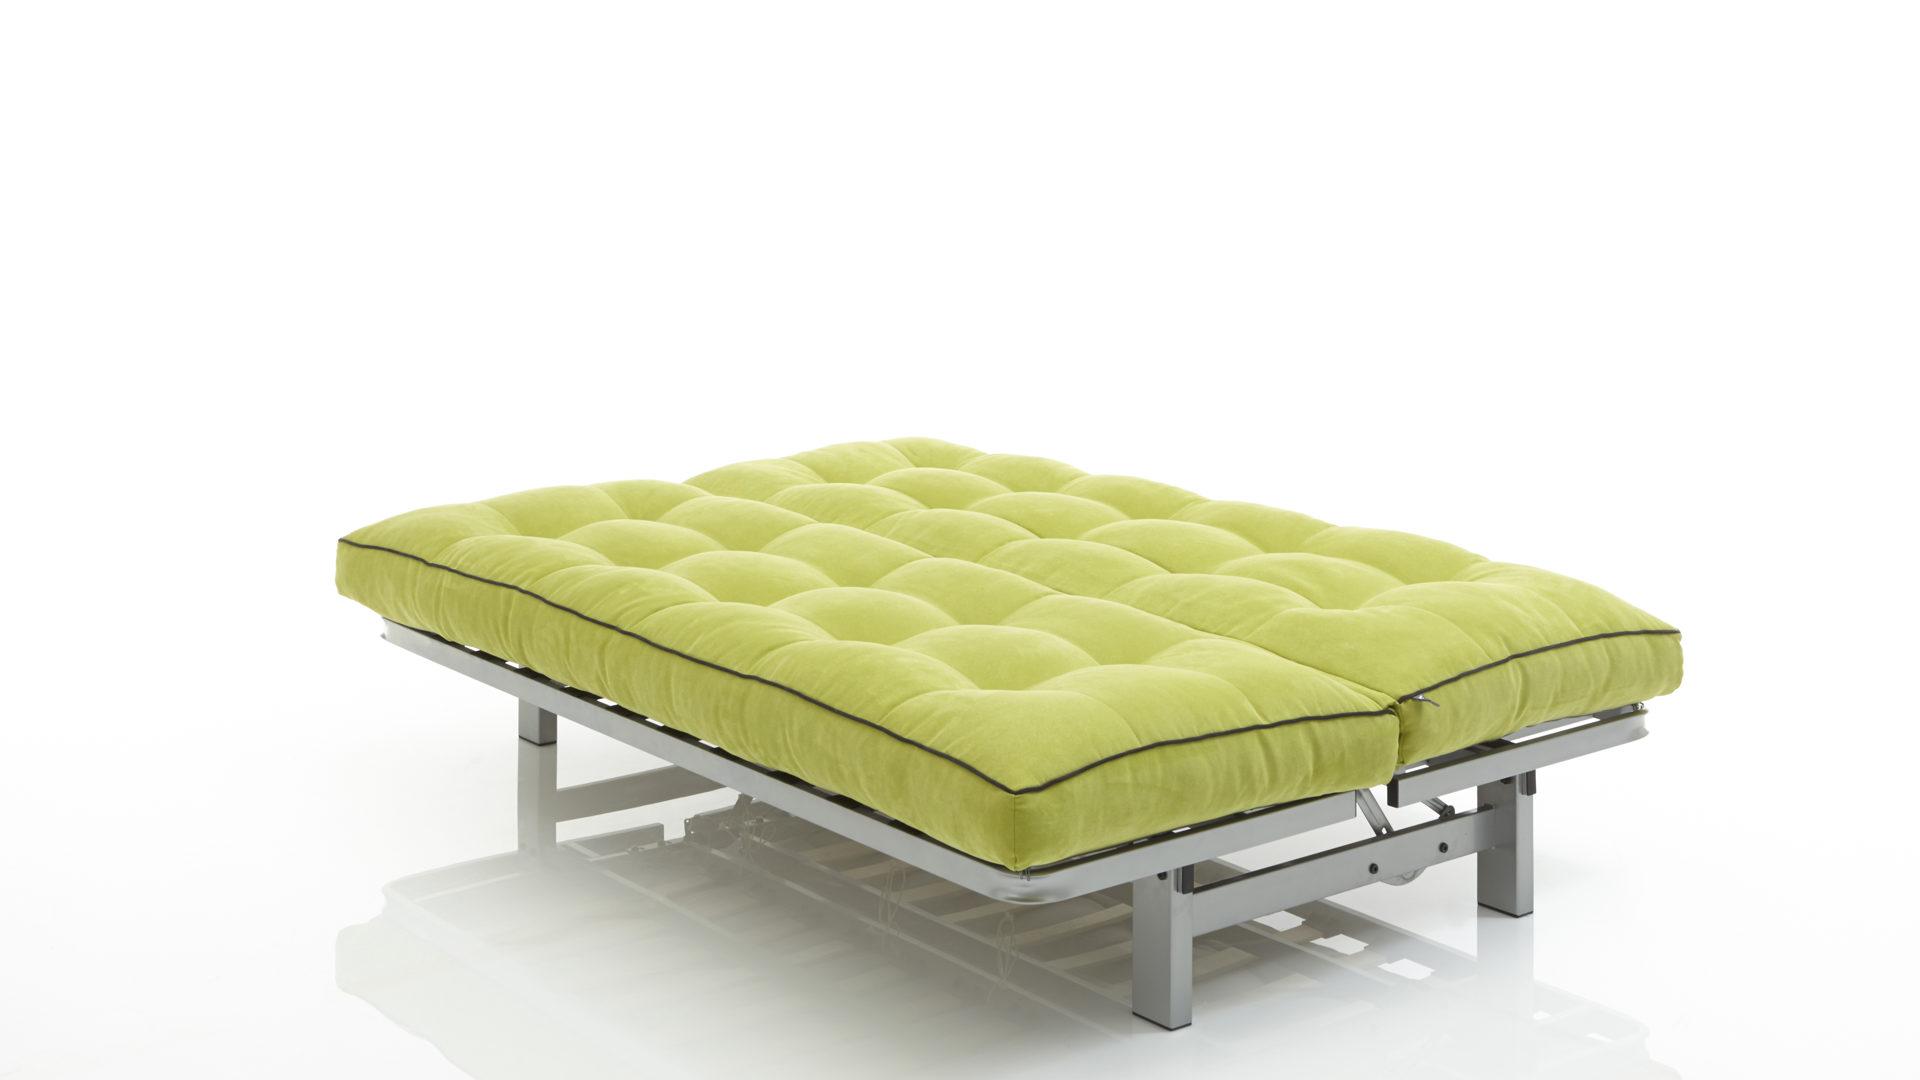 Schlafsofa jugendzimmer  Ikea Schlafsofa Mit Bettkasten: Modernes haus : schlafsessel ikea ...